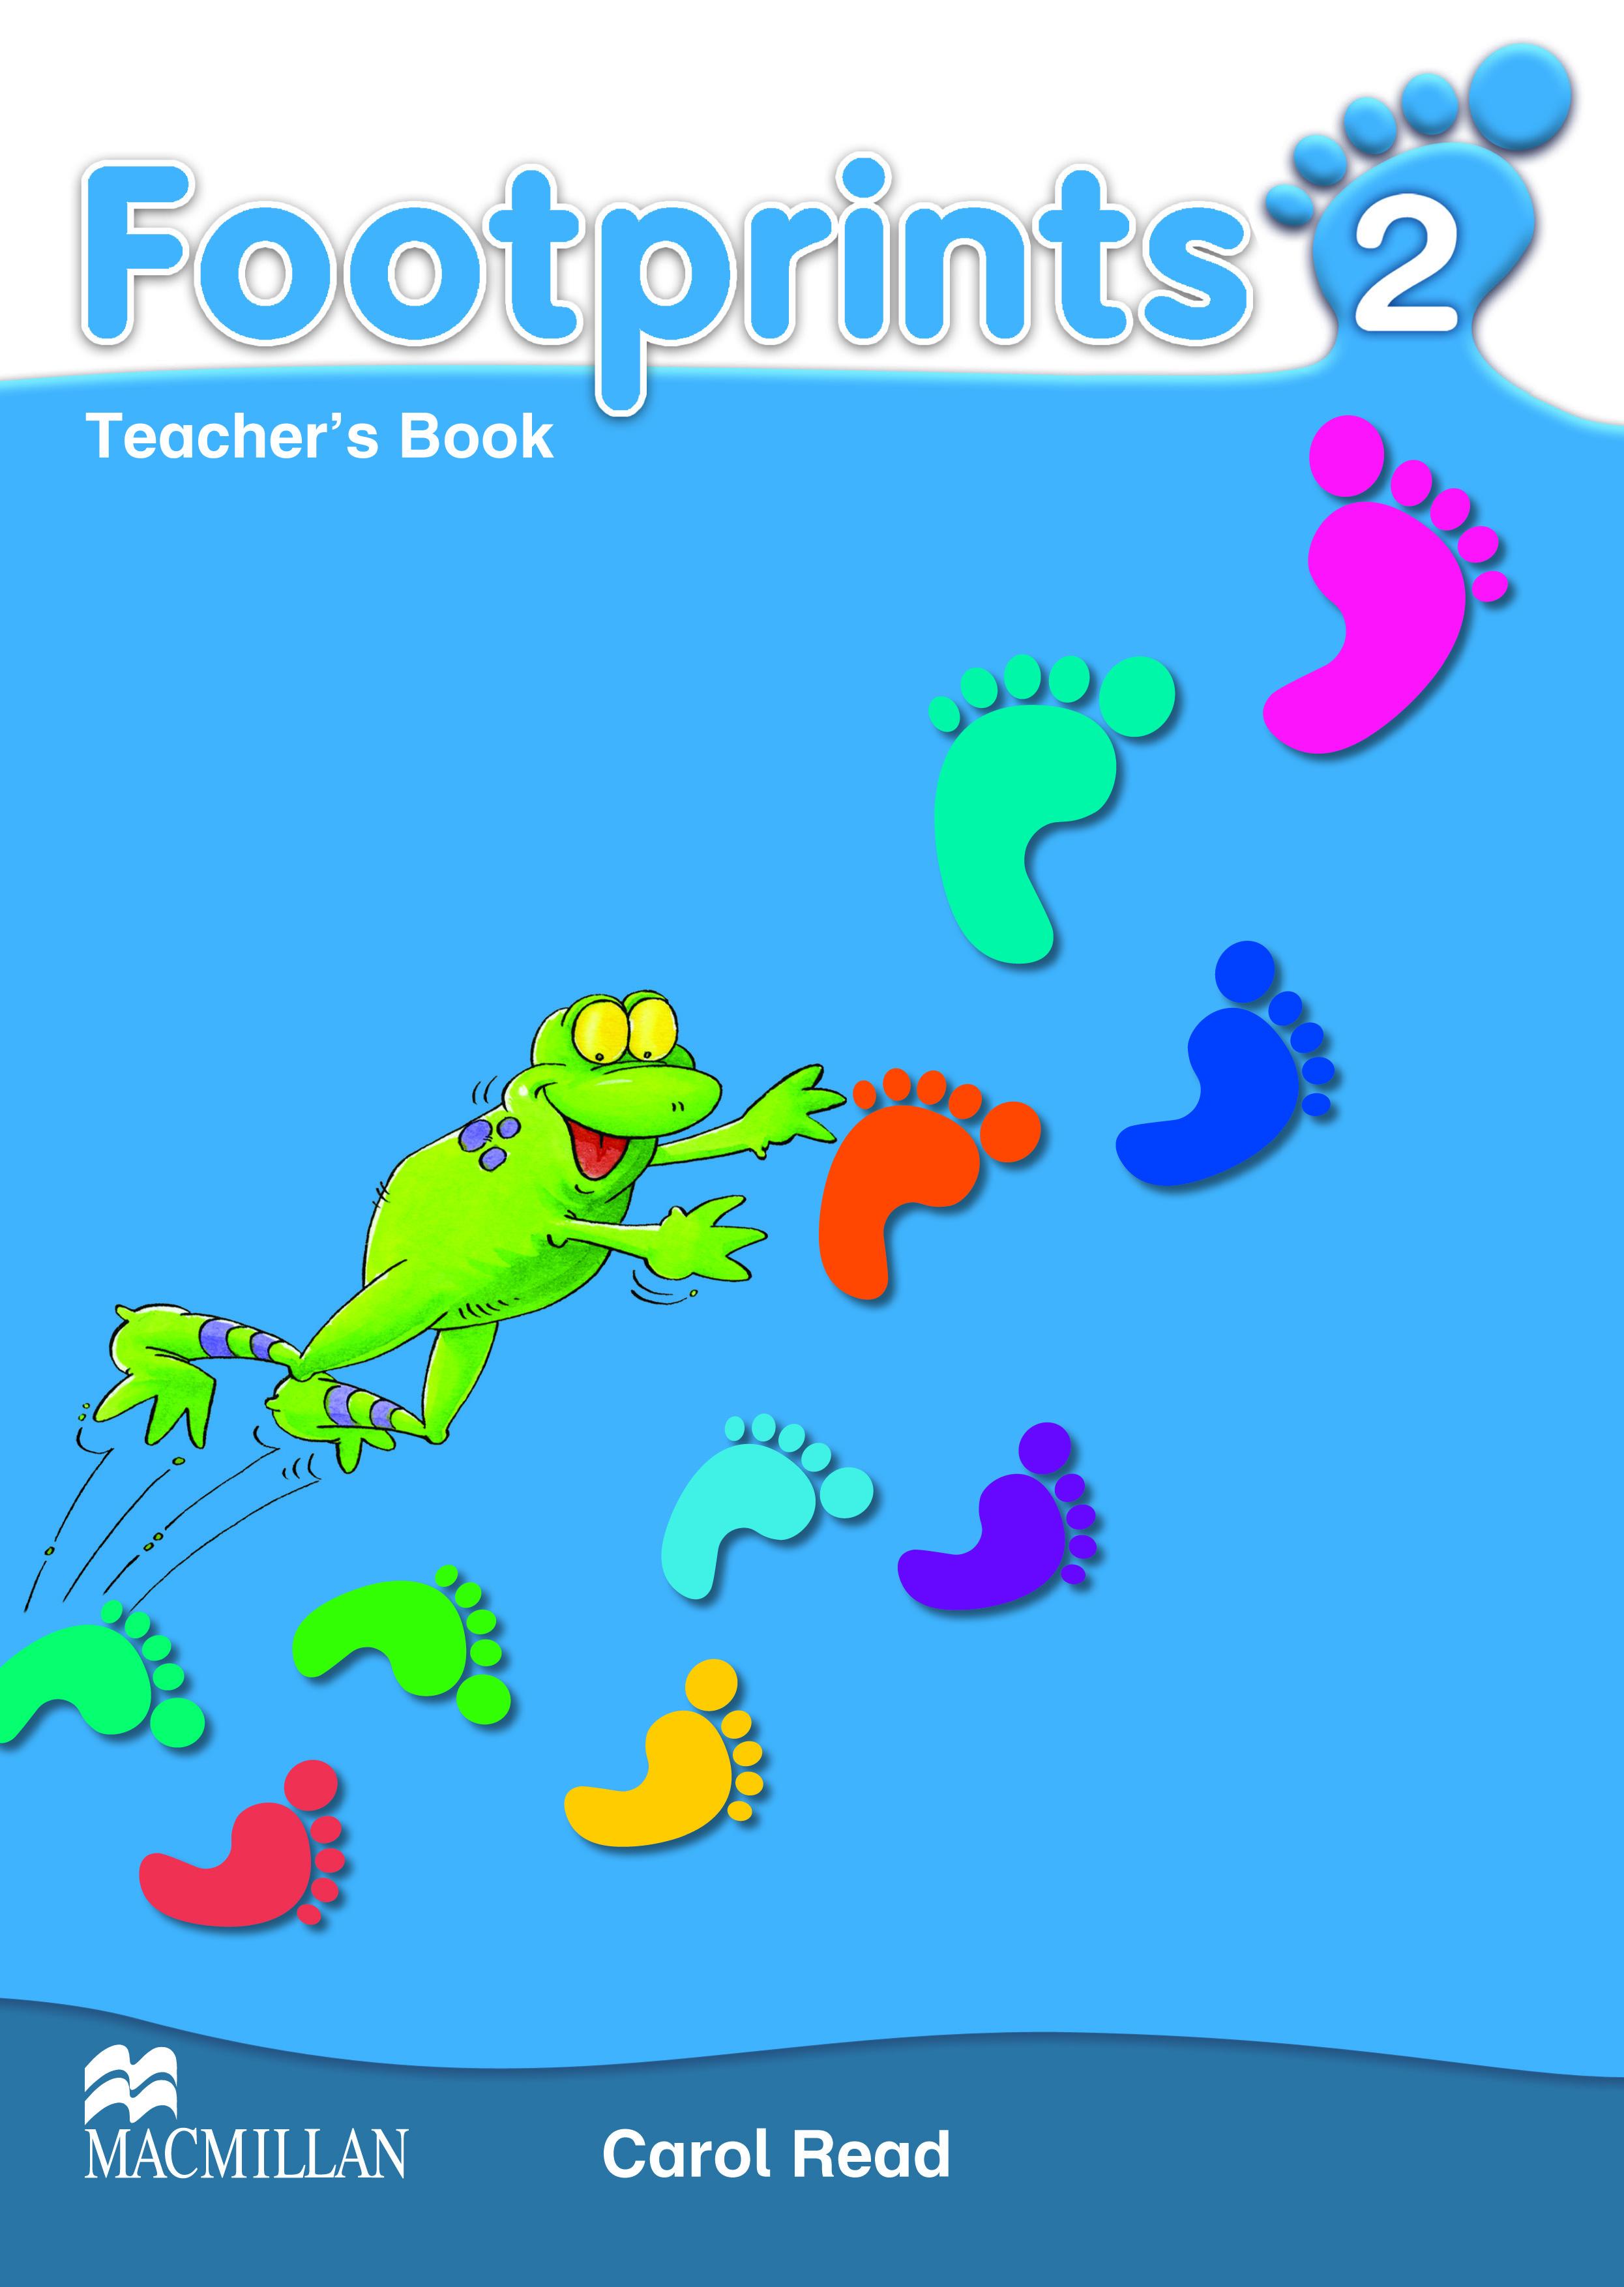 Footprints 2 Teacher